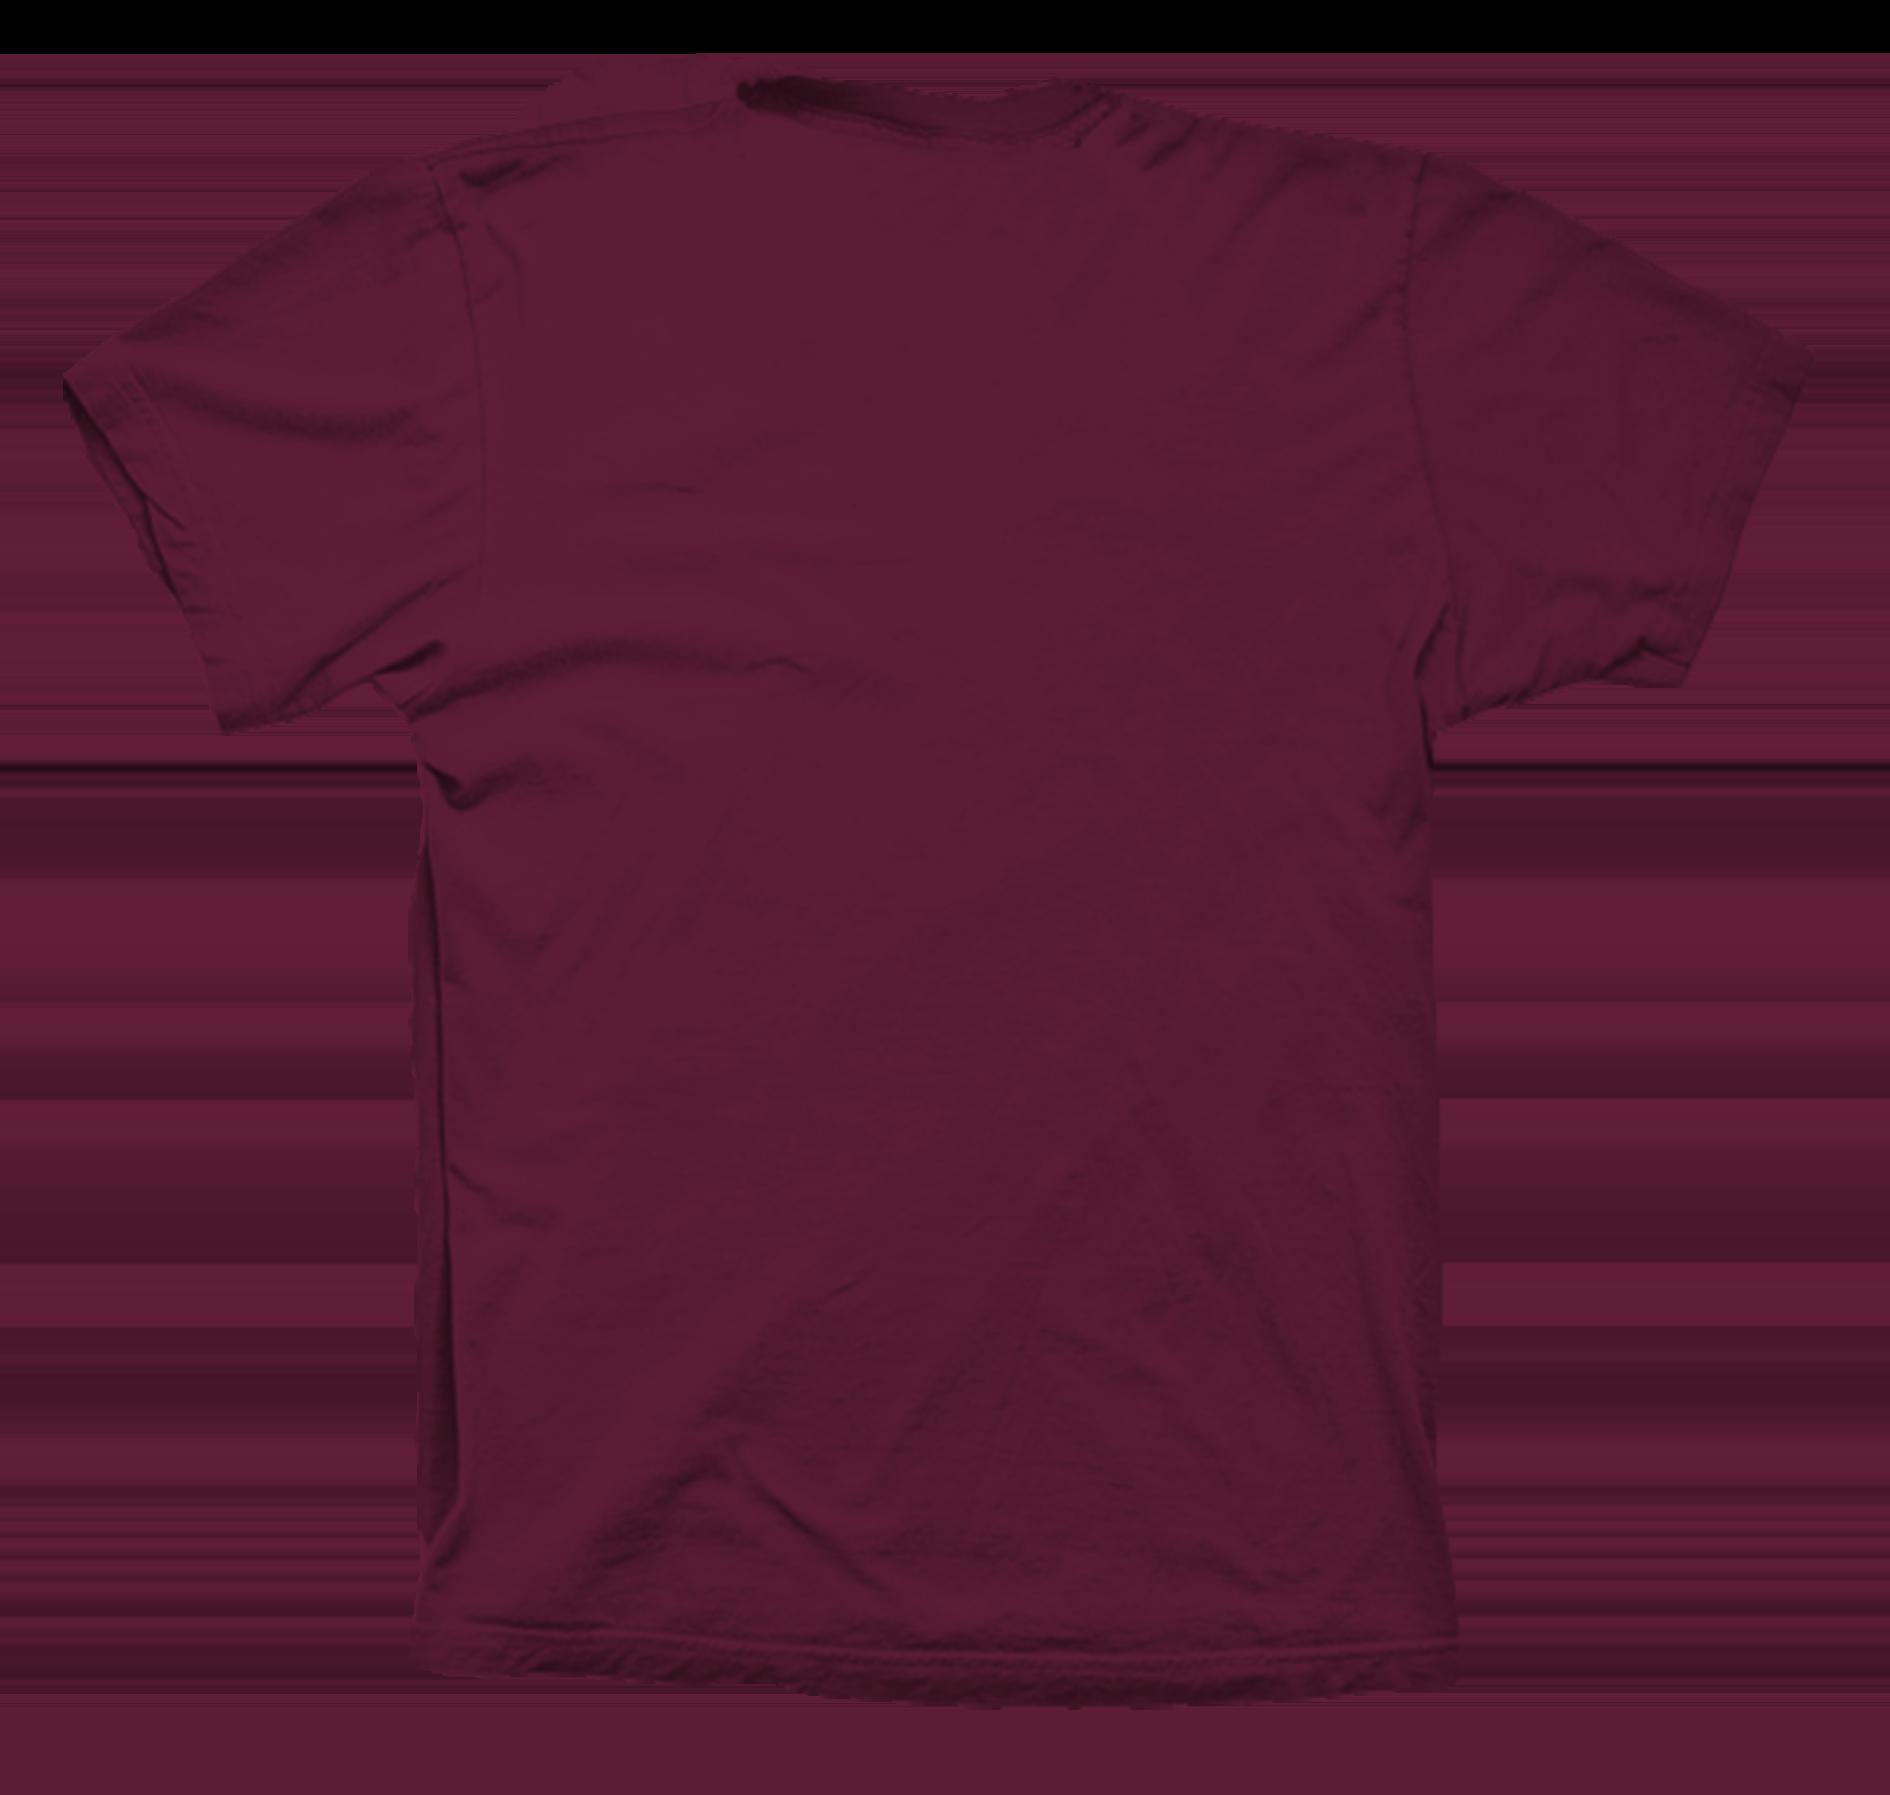 Camiseta Burdeos - From BCN DRESSSOME